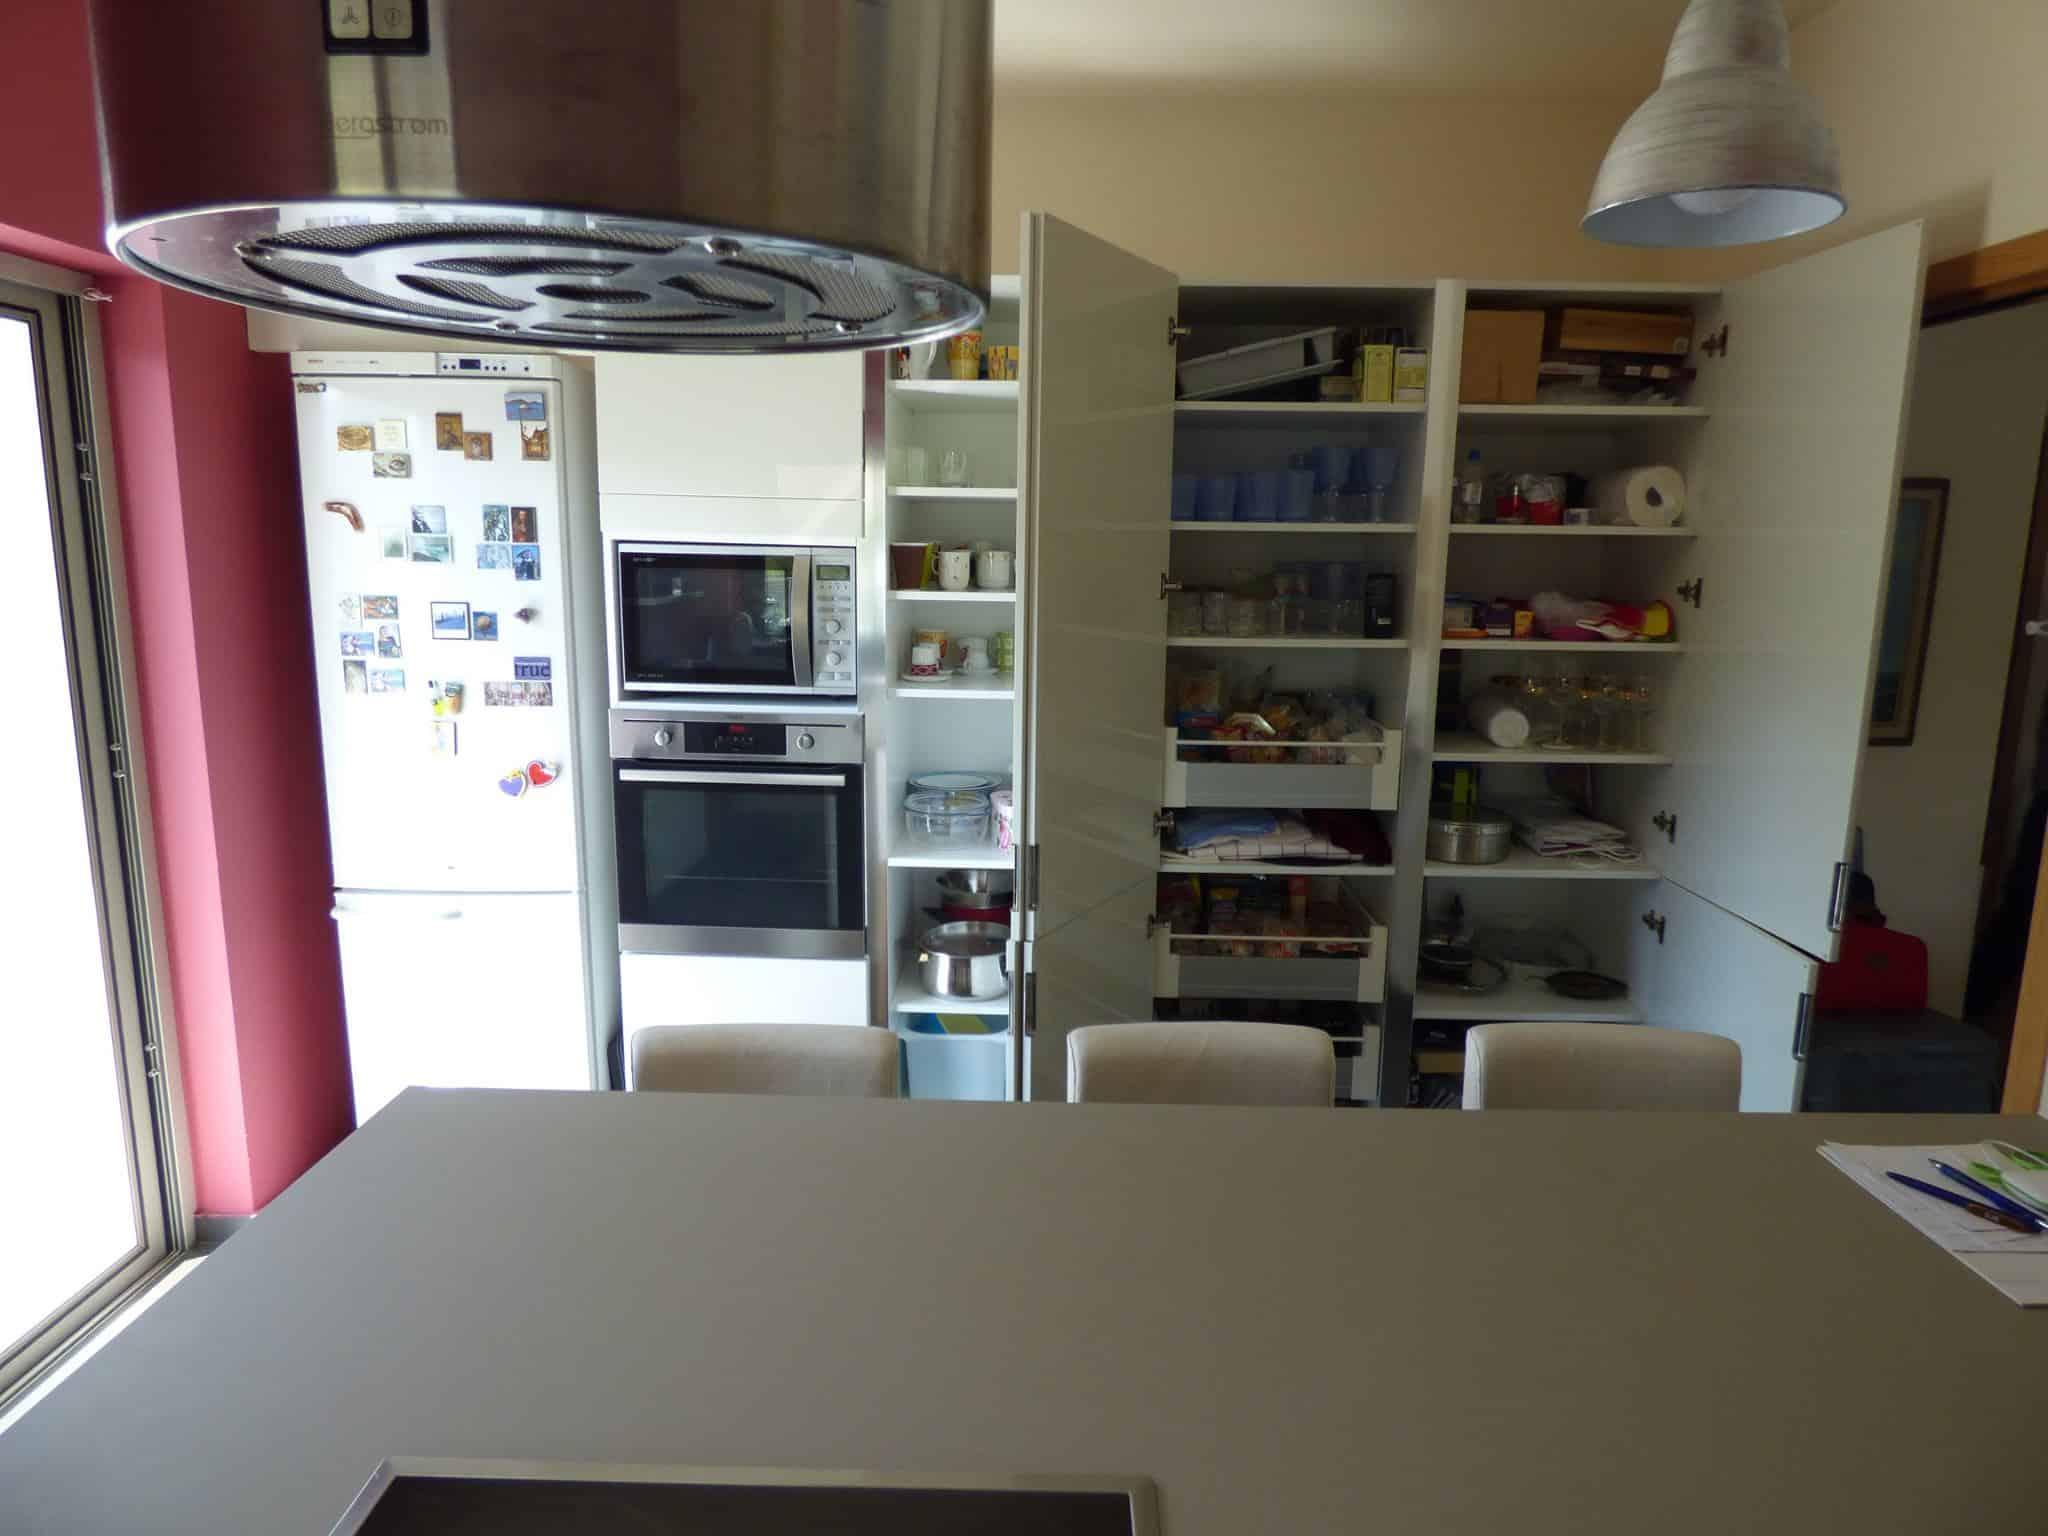 Έπιπλα Κουζίνας Λάκας Nexa με χωνετή λαβή Gola και πάγκους Νανοτεχνολογίας FENIX NTM® χρωματισμού Zinco Doha 46